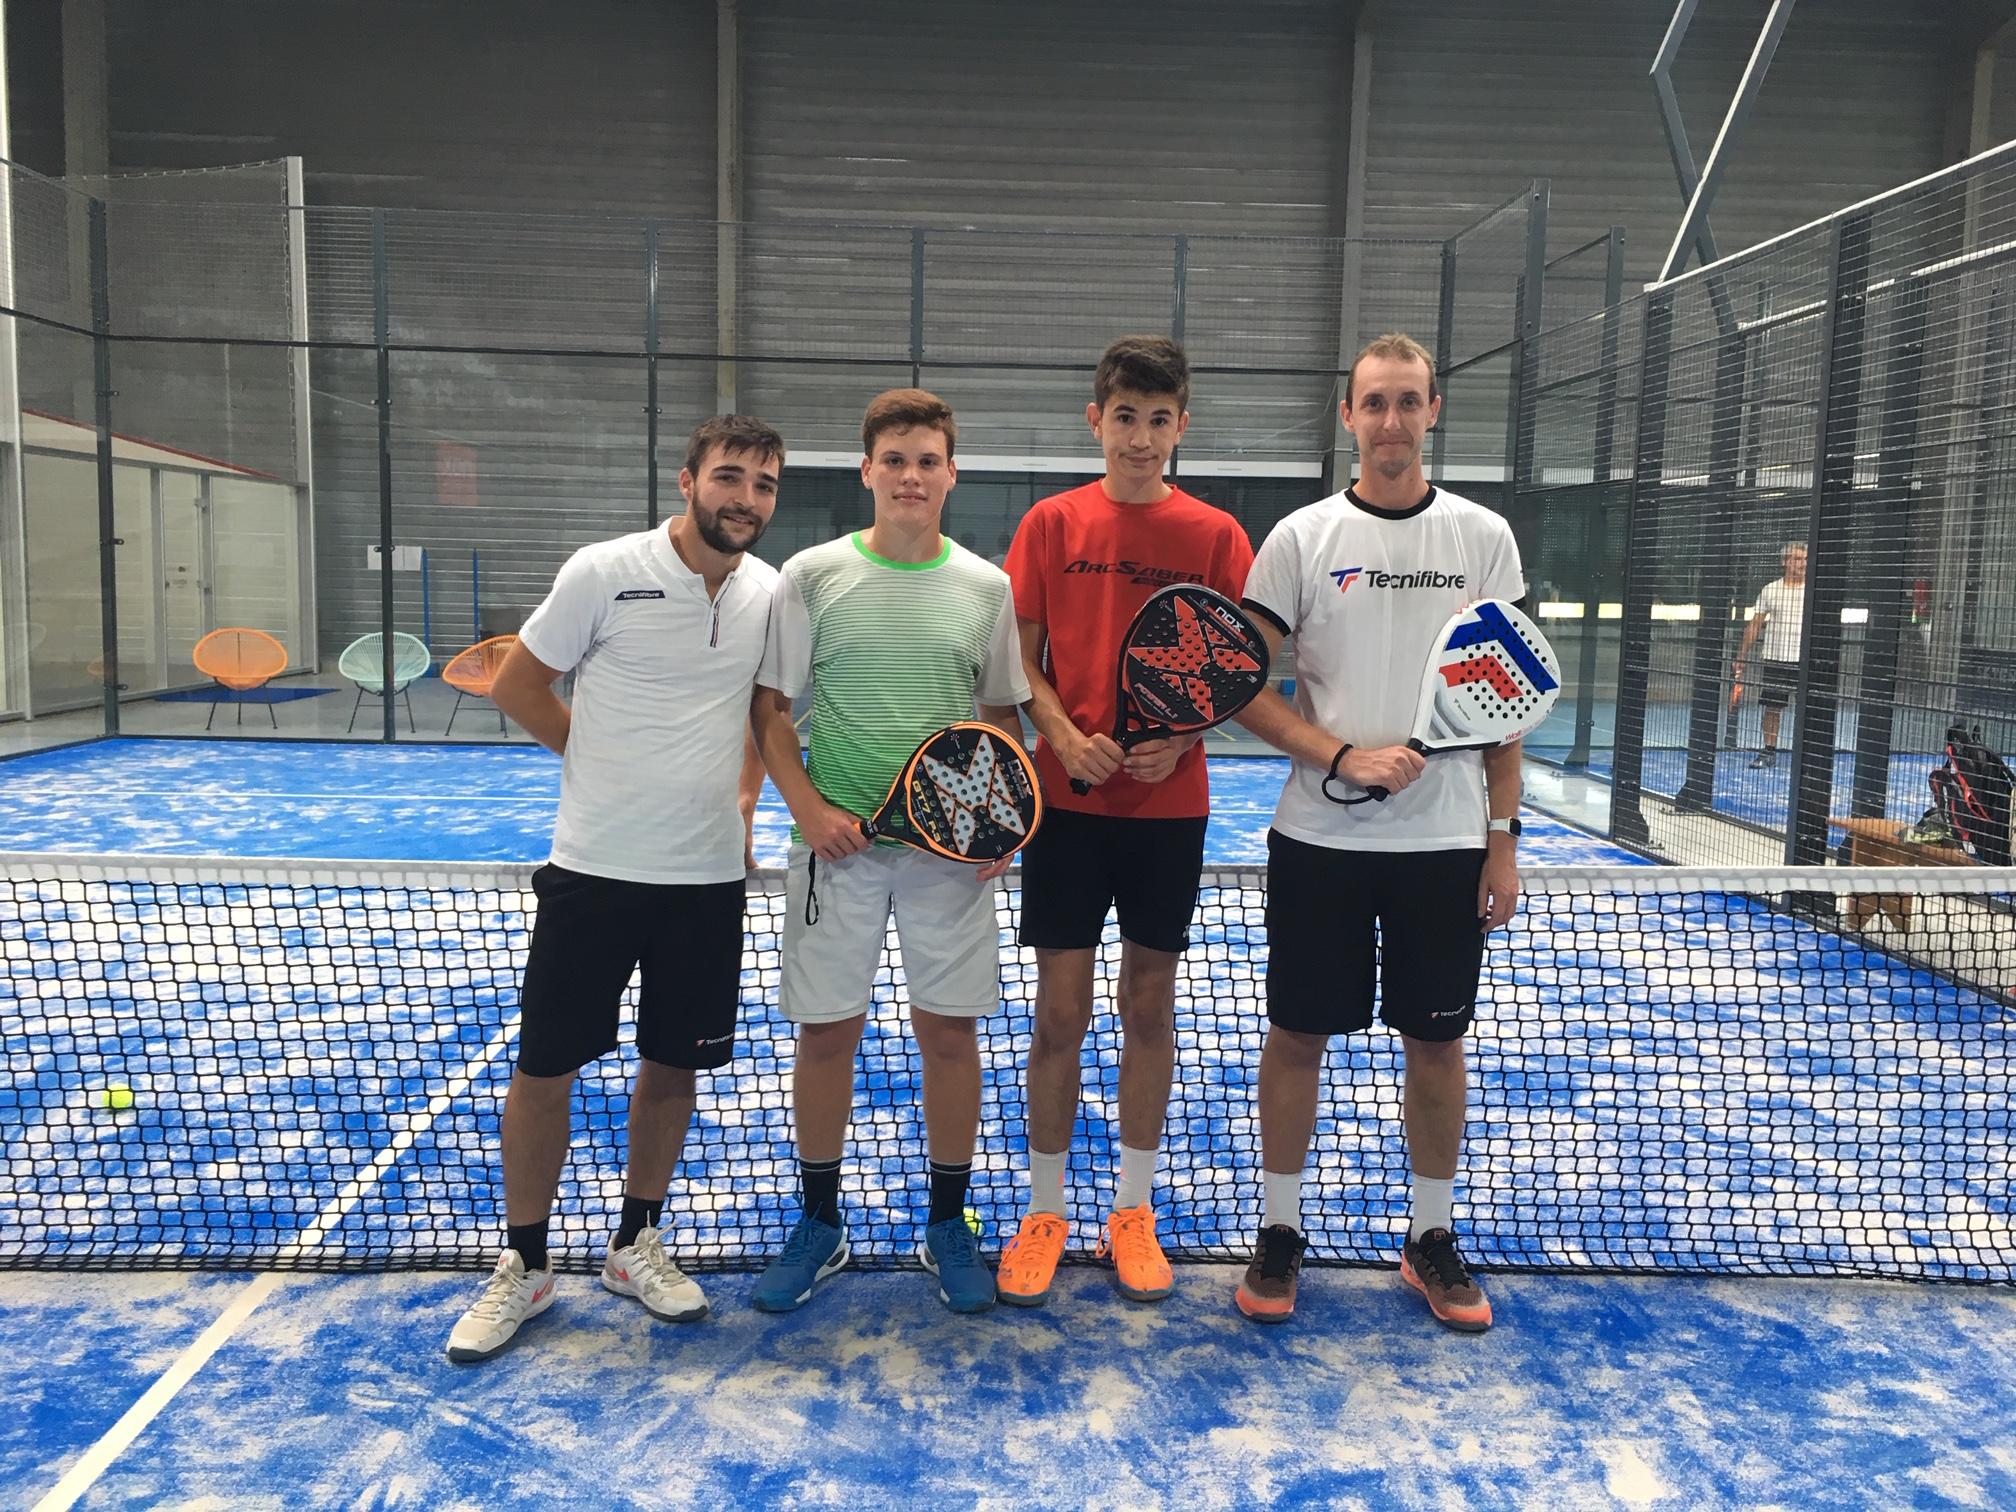 """Racket Park Amboise : """"Même avec peu d´équipes, on joue"""""""